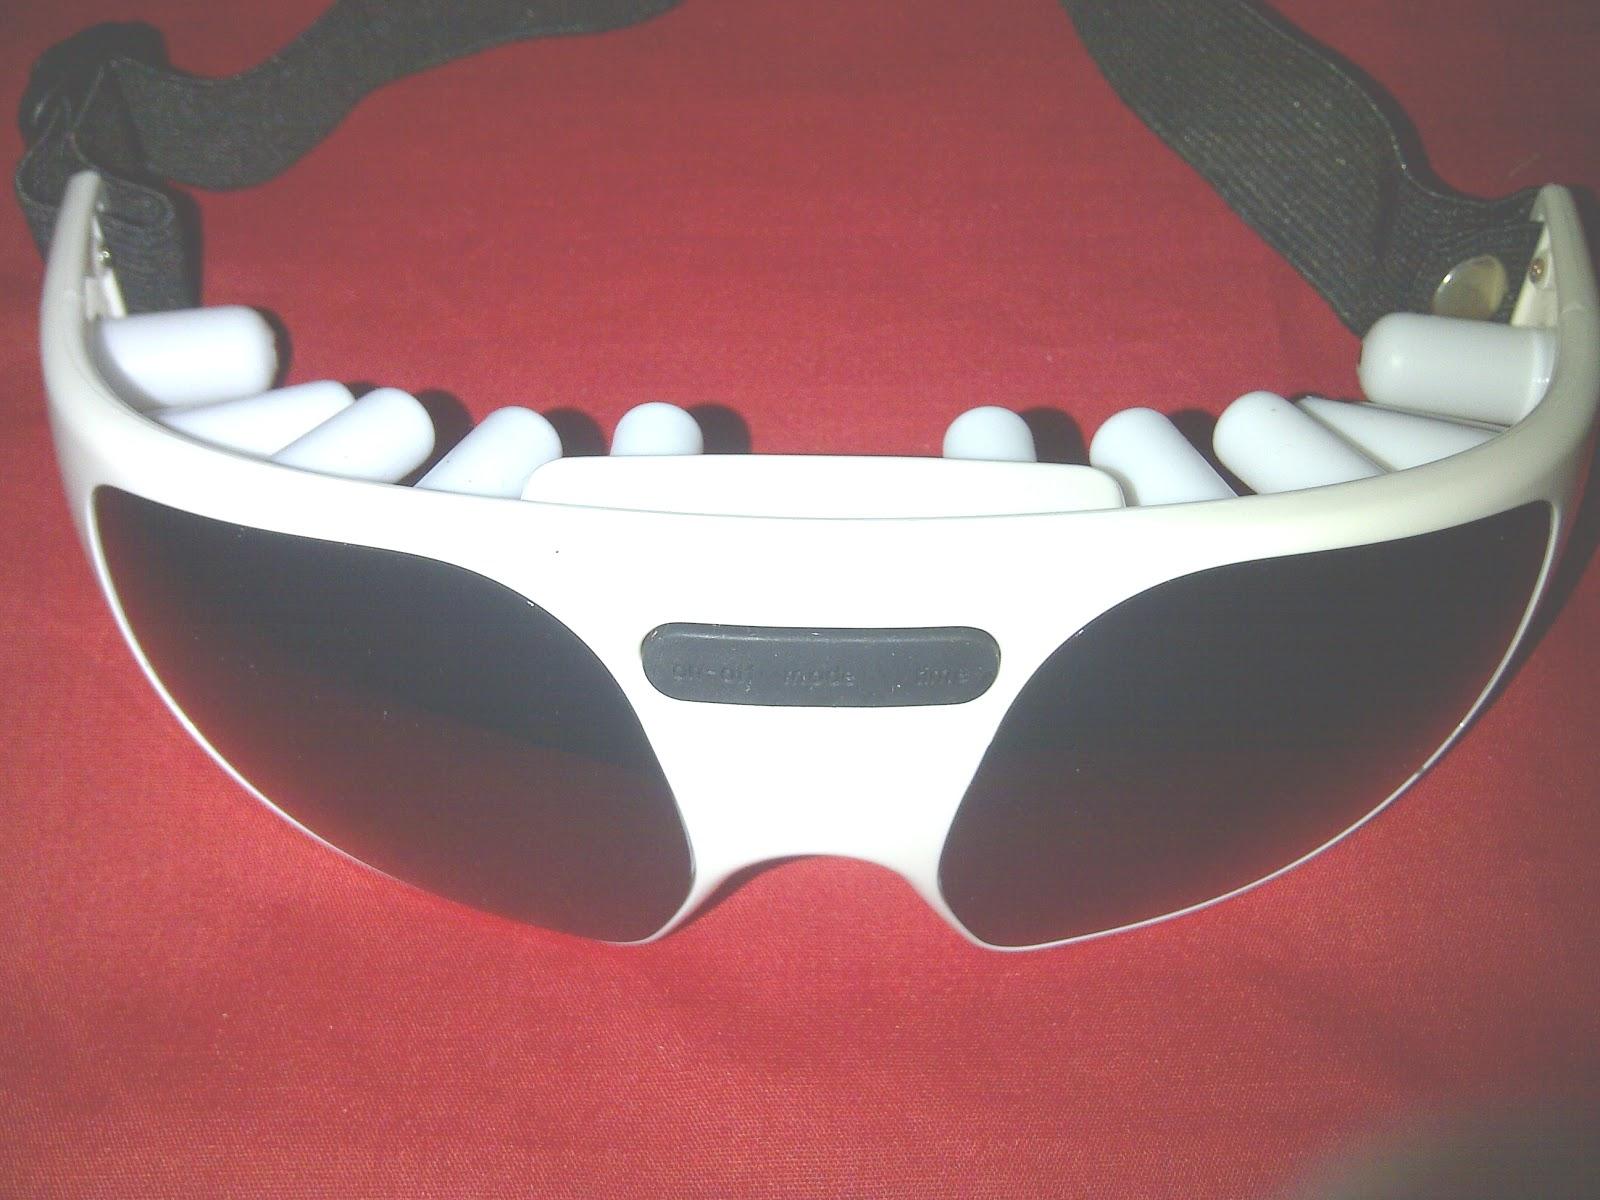 Alat terapi pemijat mata merk Roison ini menggunakan Battery AAA 3 pcs